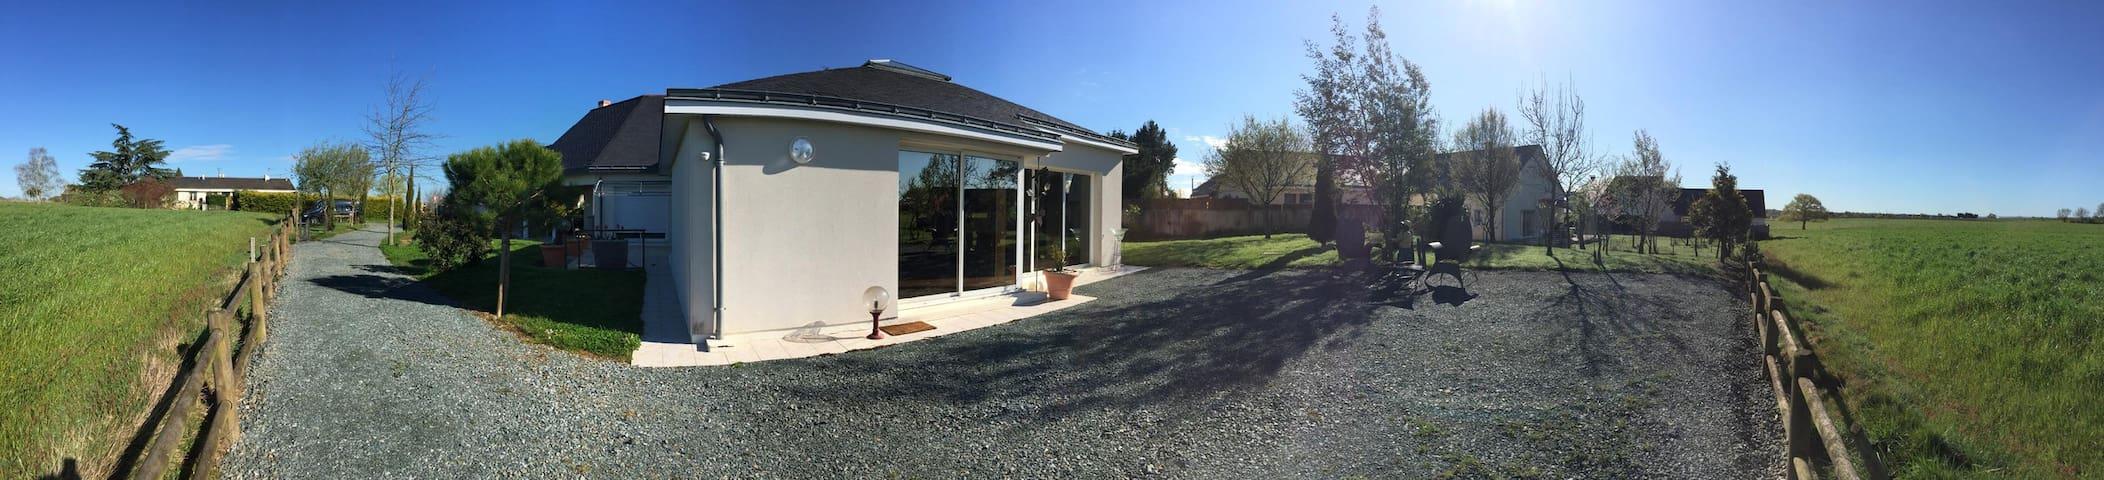 Lodges de Loire - Saint-Lambert-du-Lattay - Rumah